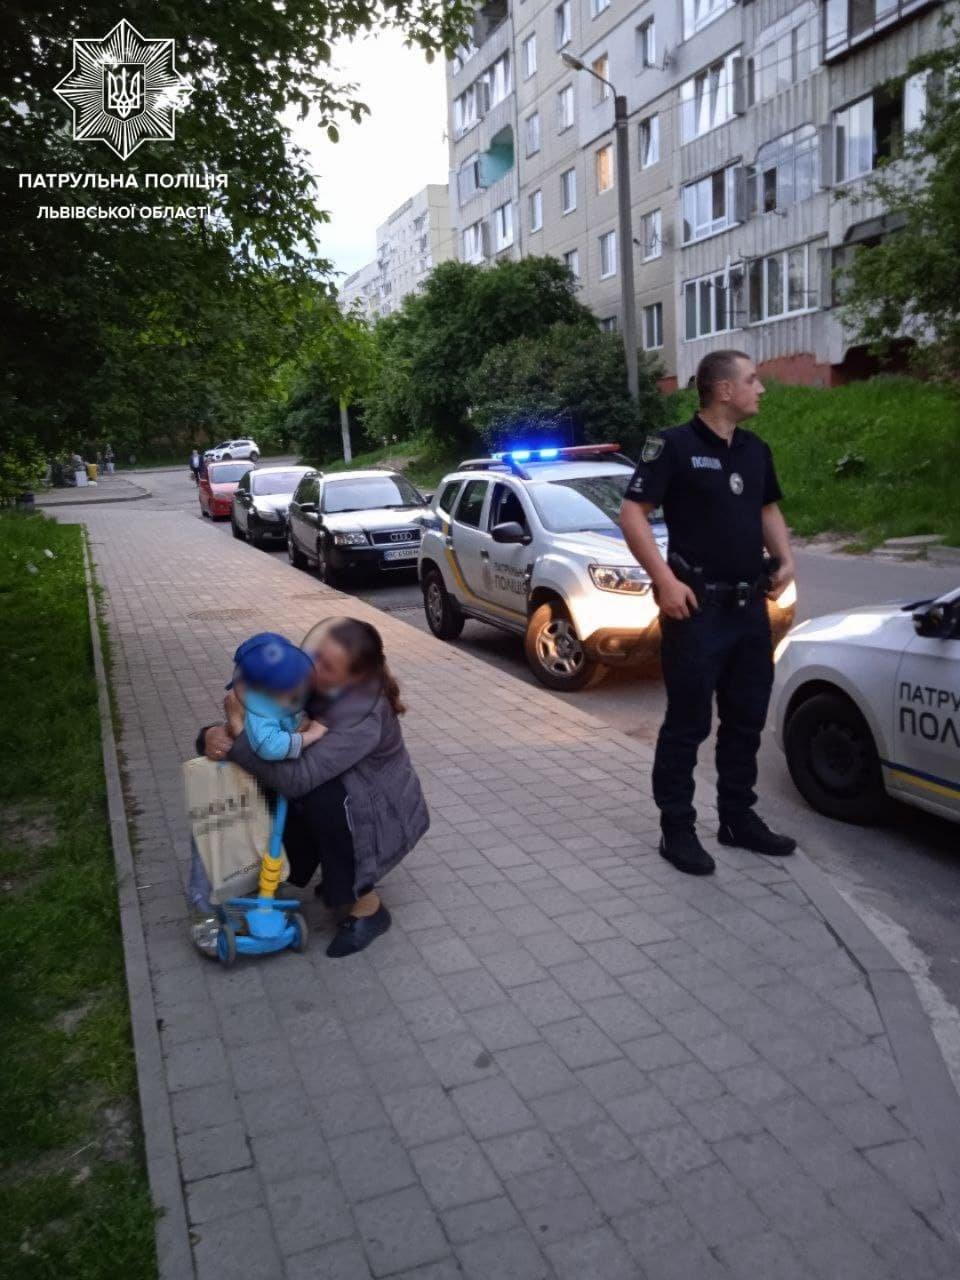 """У Львові 3-річний хлопчик """"втік"""" на самокаті від мами: патрульні знайшли """"гонщика"""", - ФОТО, фото-1, Фото: Патрульна поліція"""